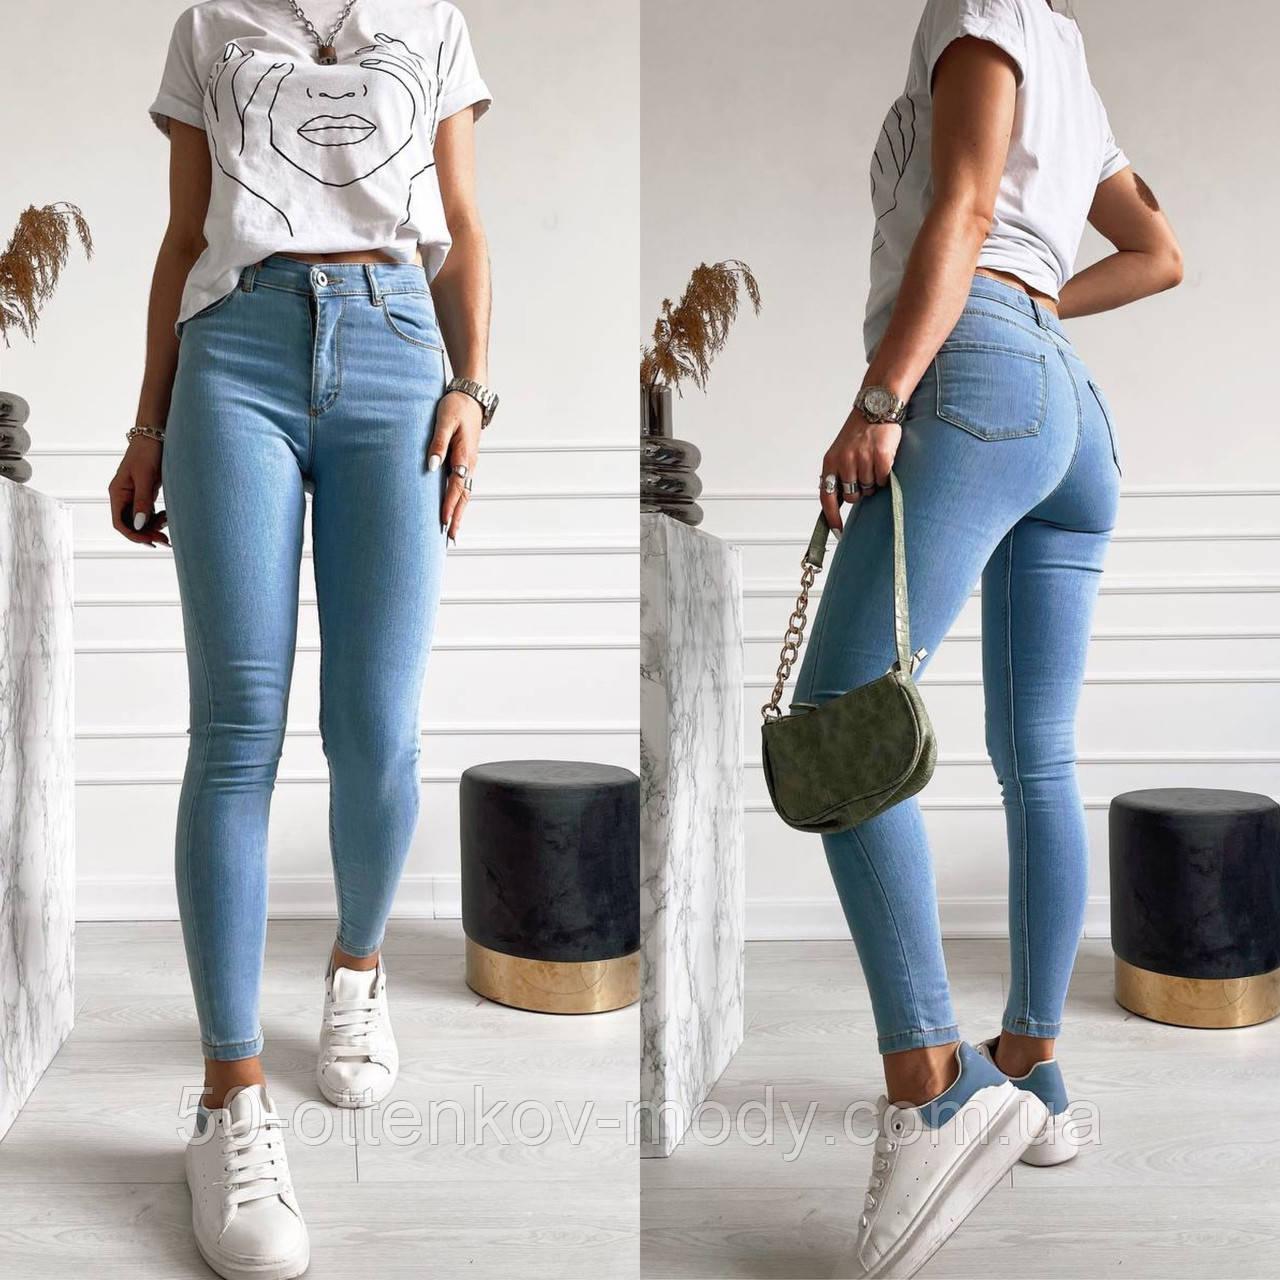 Жіночі джинси, блакитні, стрейч джинс, добре тягнуться